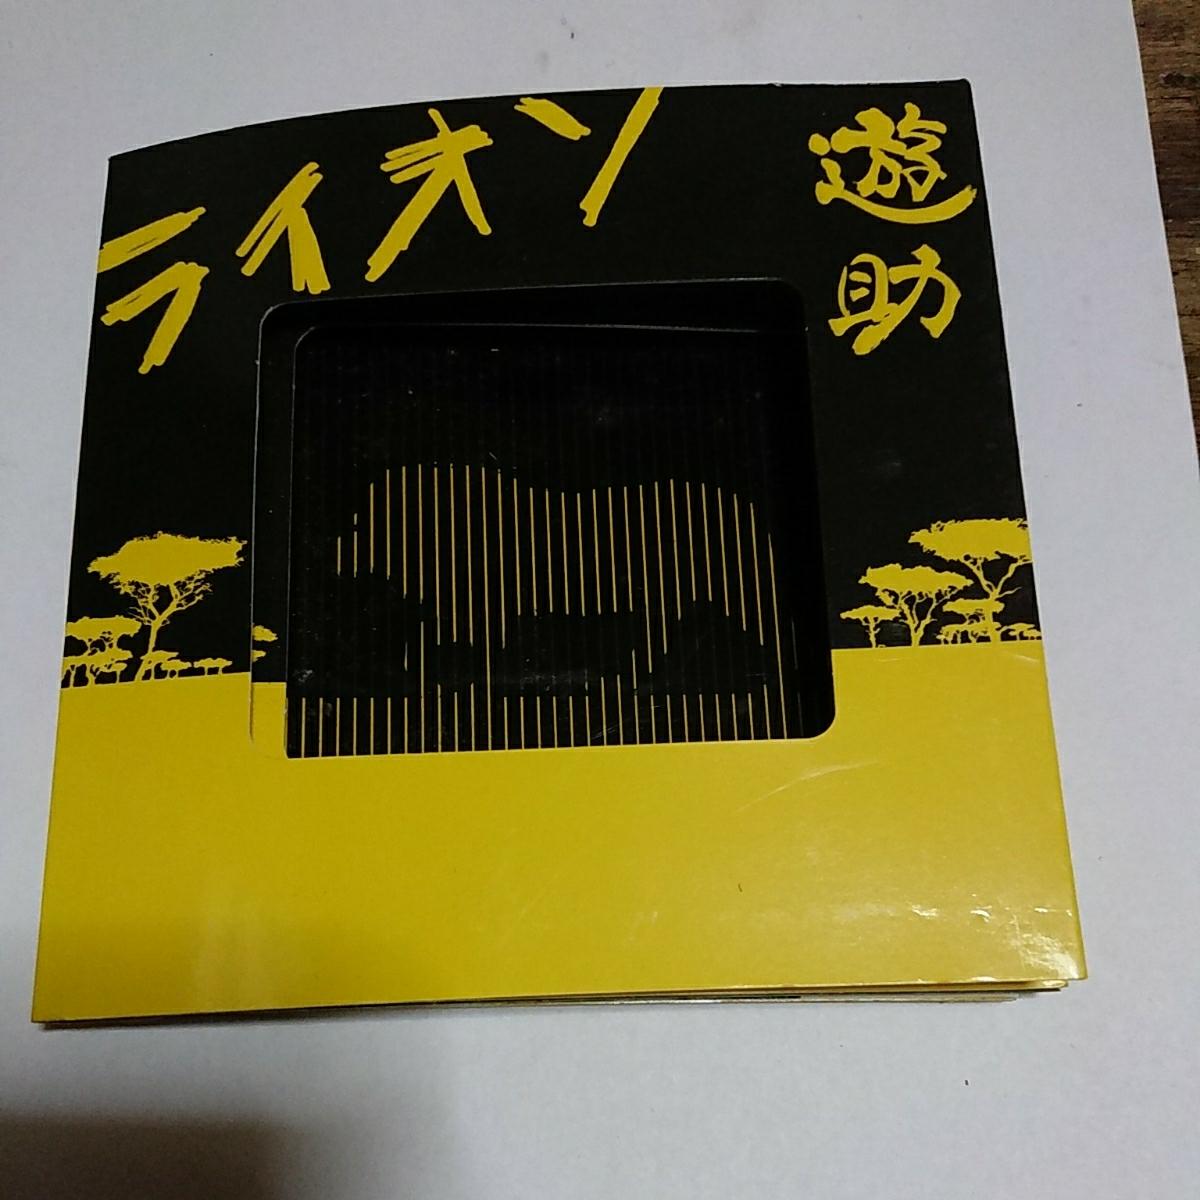 191044●2010年●10年代名盤●ライオン/遊助~上地雄輔●初回限定盤 DVD付き●中古CD在庫処分セール_画像1